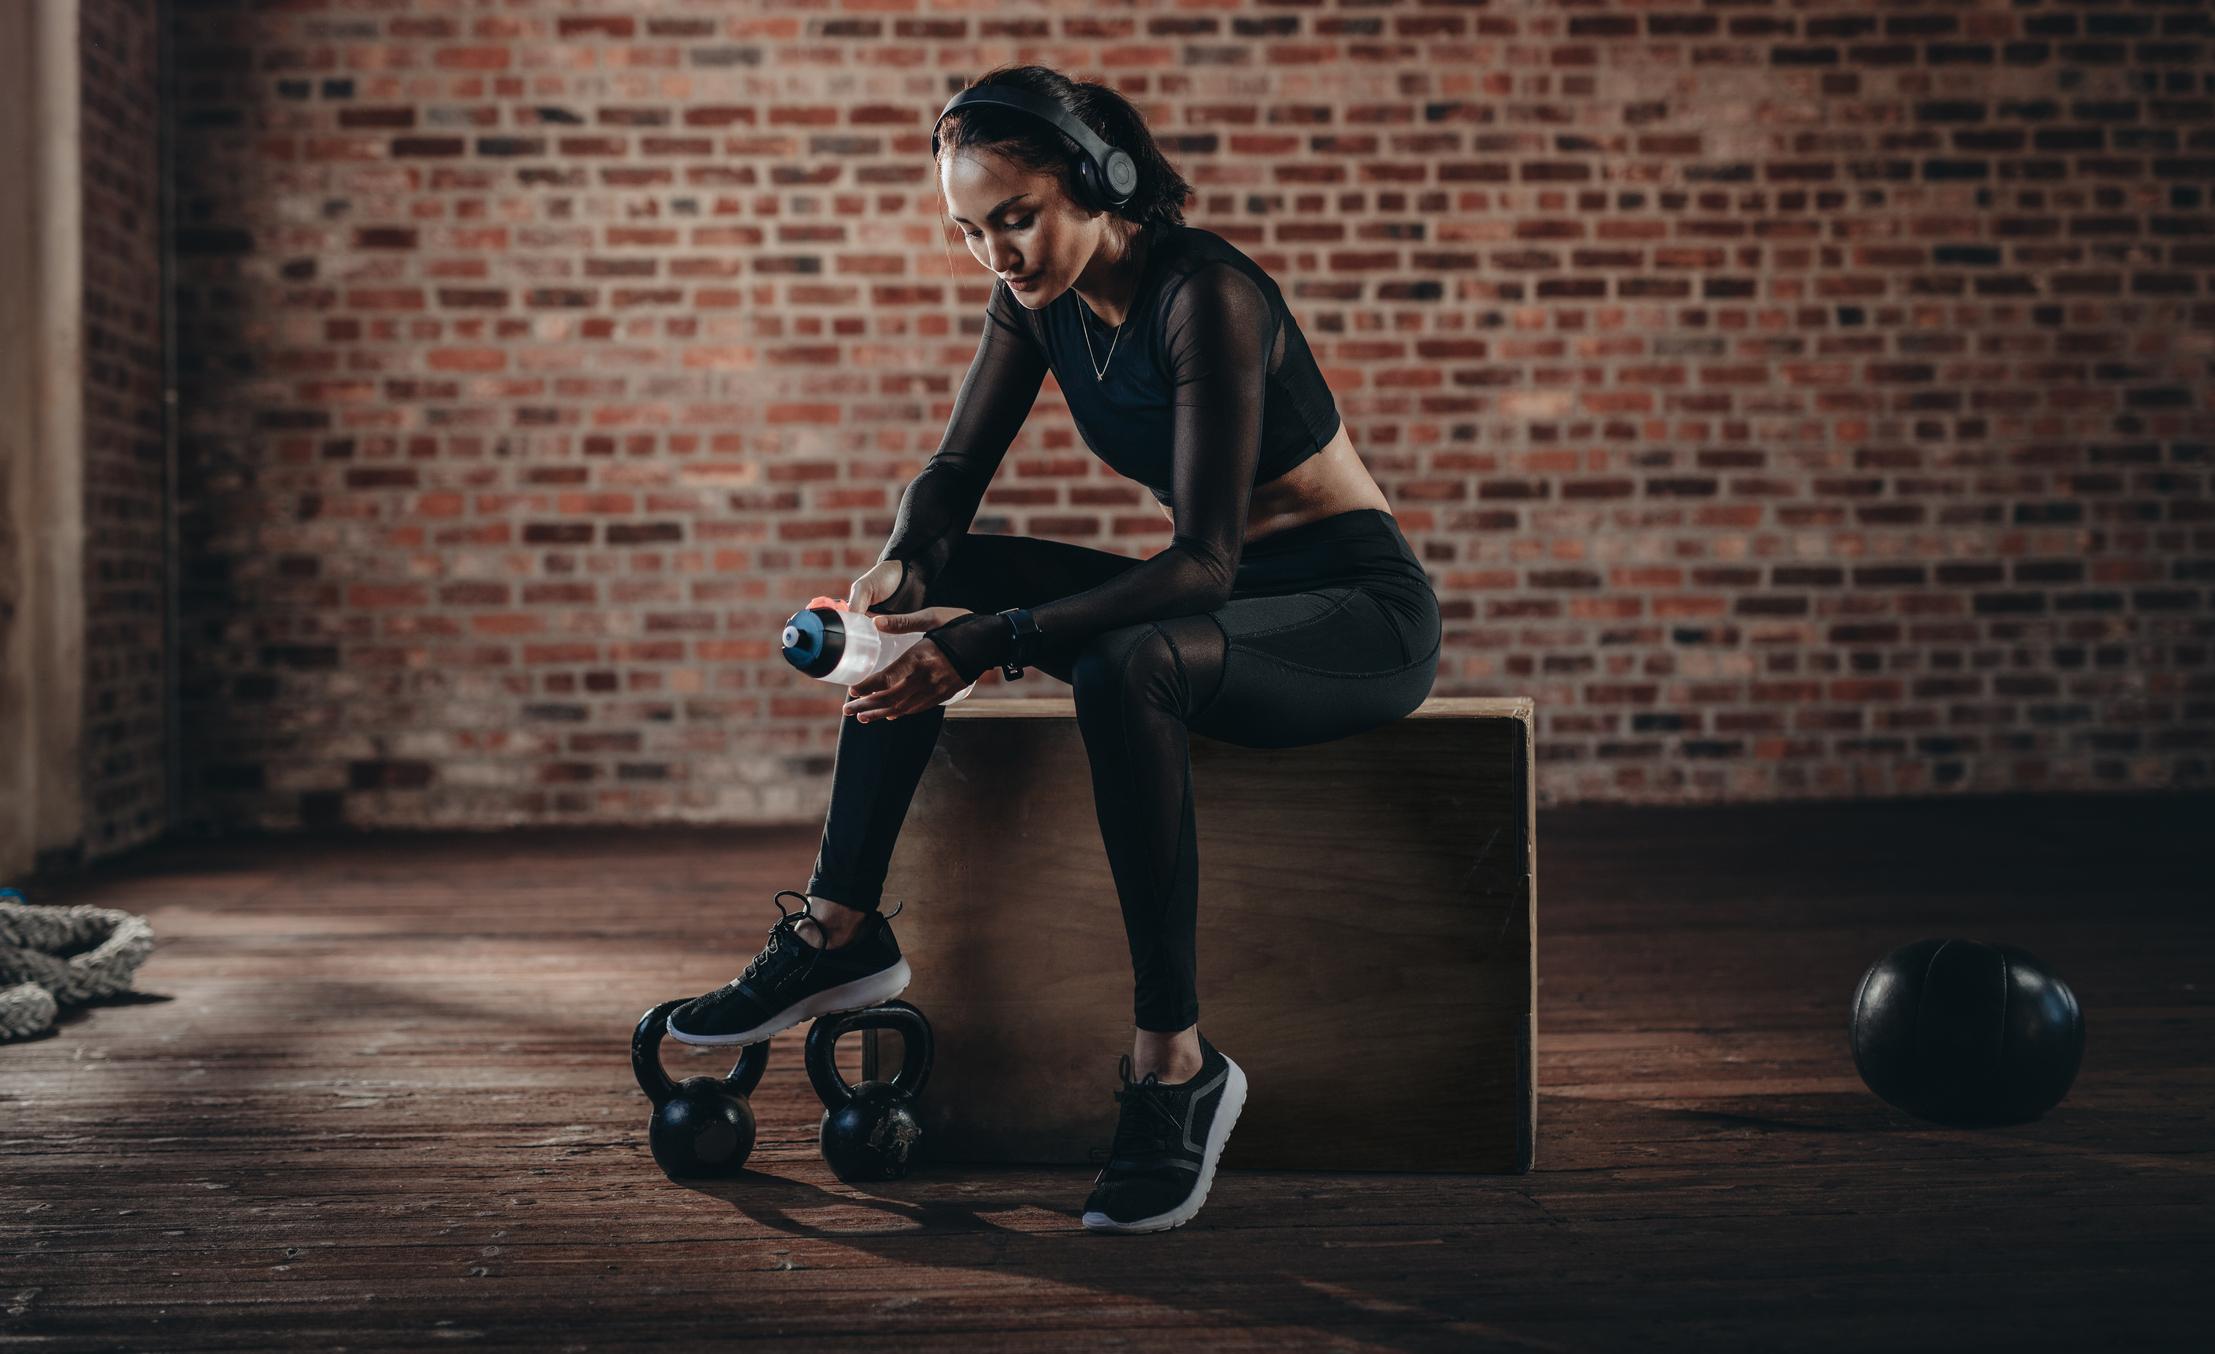 Kad dostignete idealnu tjelesnu težinu, bavljenje sportom pomoći će vam da ne vratite izgubljene kilograme.